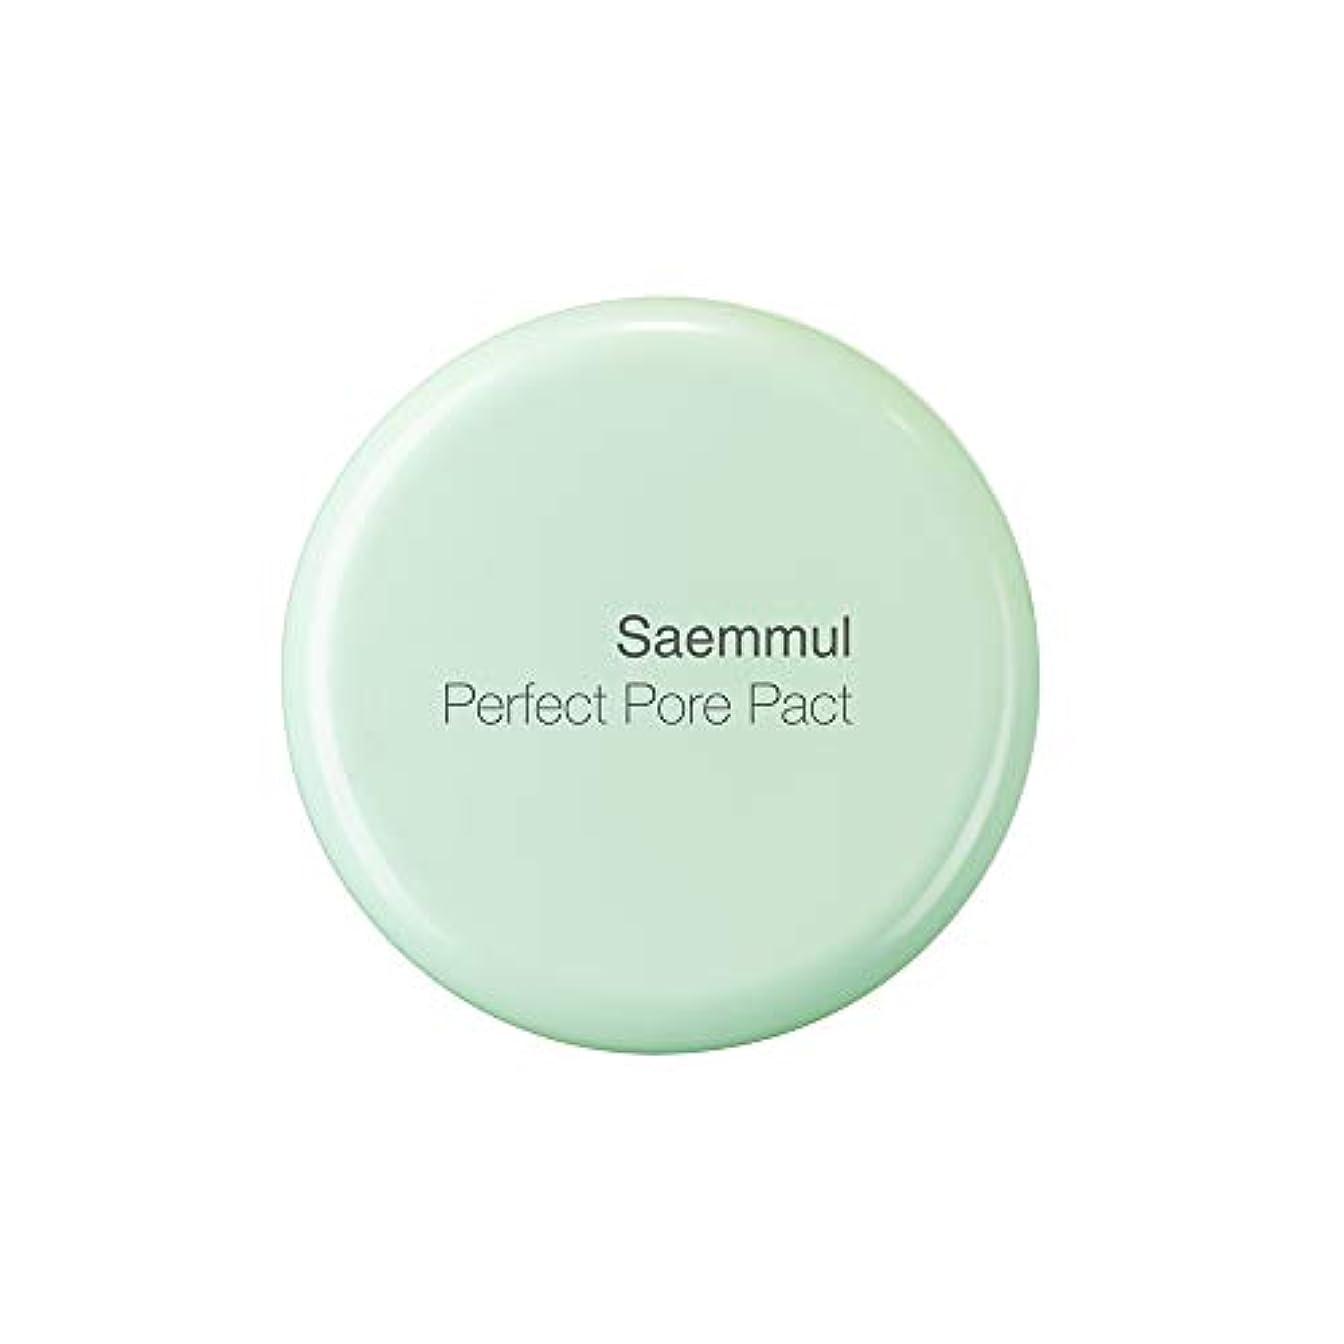 パールトランザクション戦略THE SAEM(ザ セム) 日本公式 (the SAEM) センムル パーフェクトポア パクト (0164) 12g